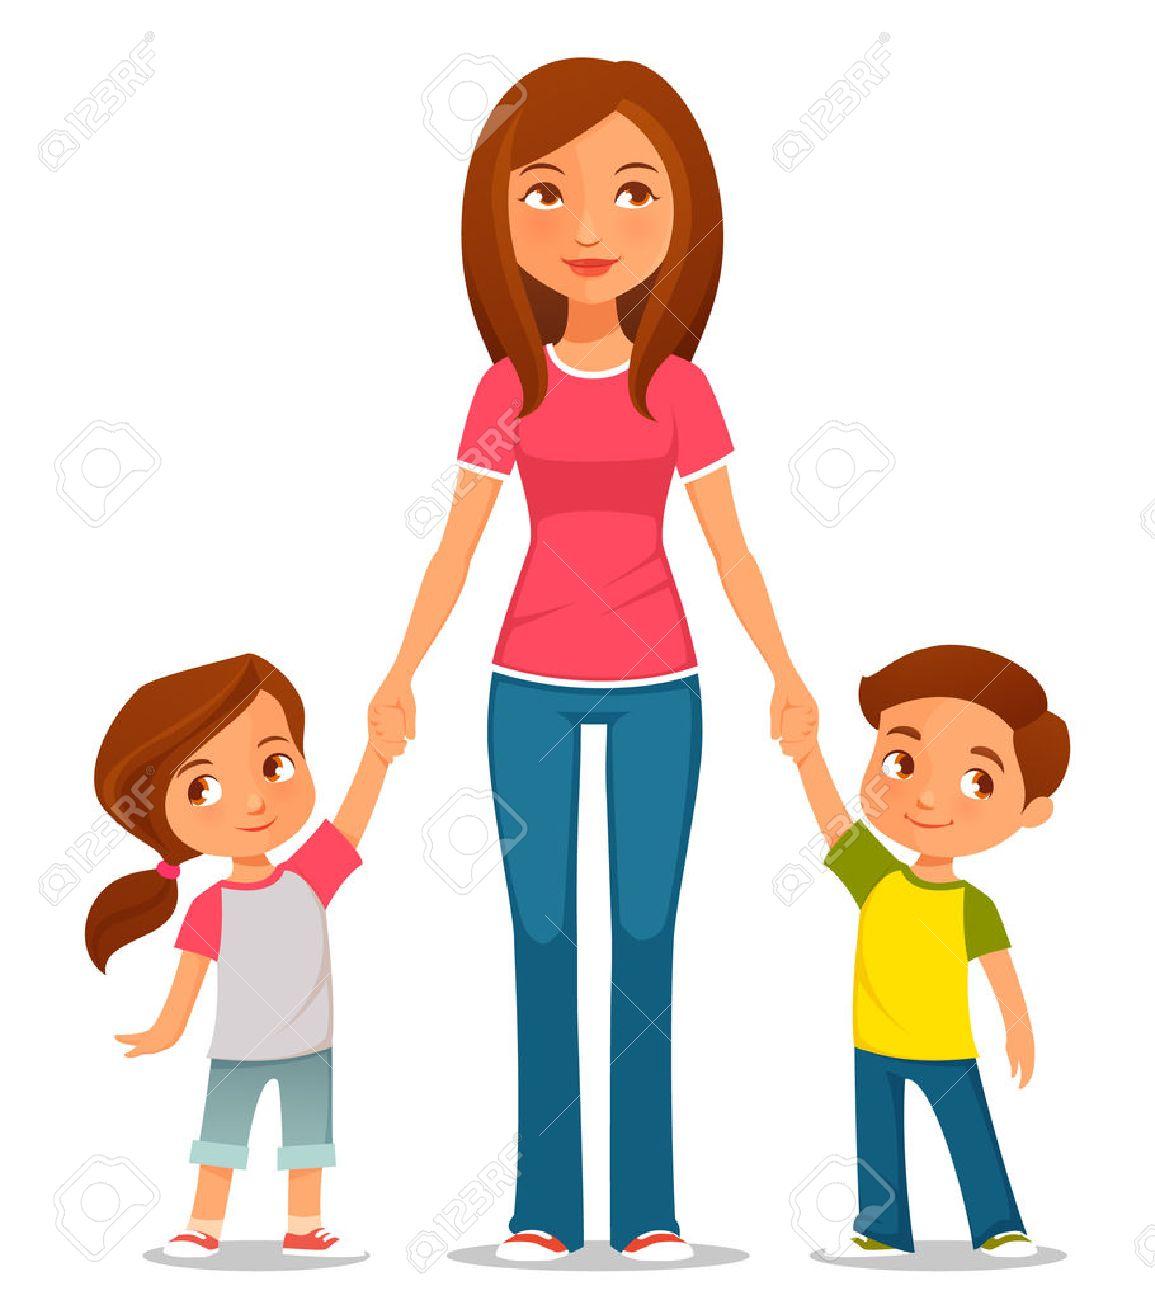 2 人の子供を持つ母のかわいい漫画イラスト ロイヤリティフリー